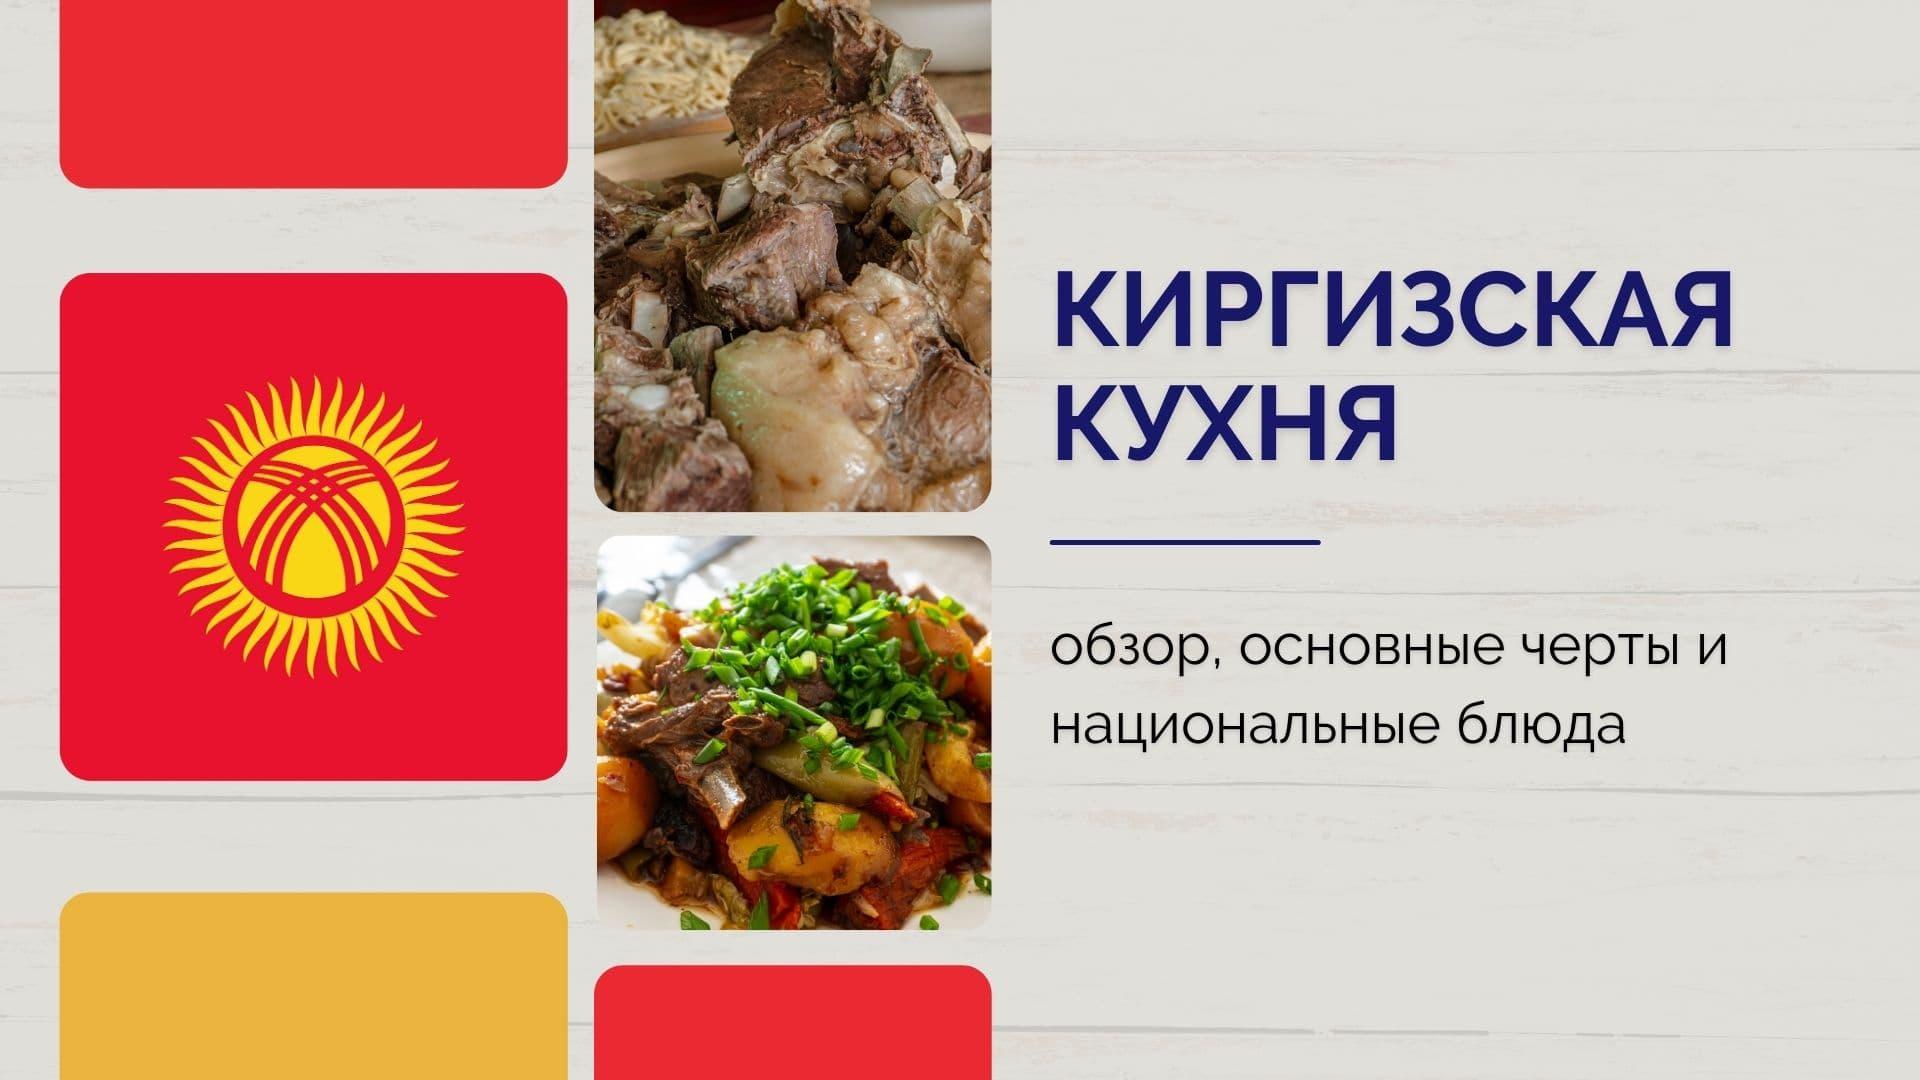 Киргизская кухня: обзор, основные черты и национальные блюда